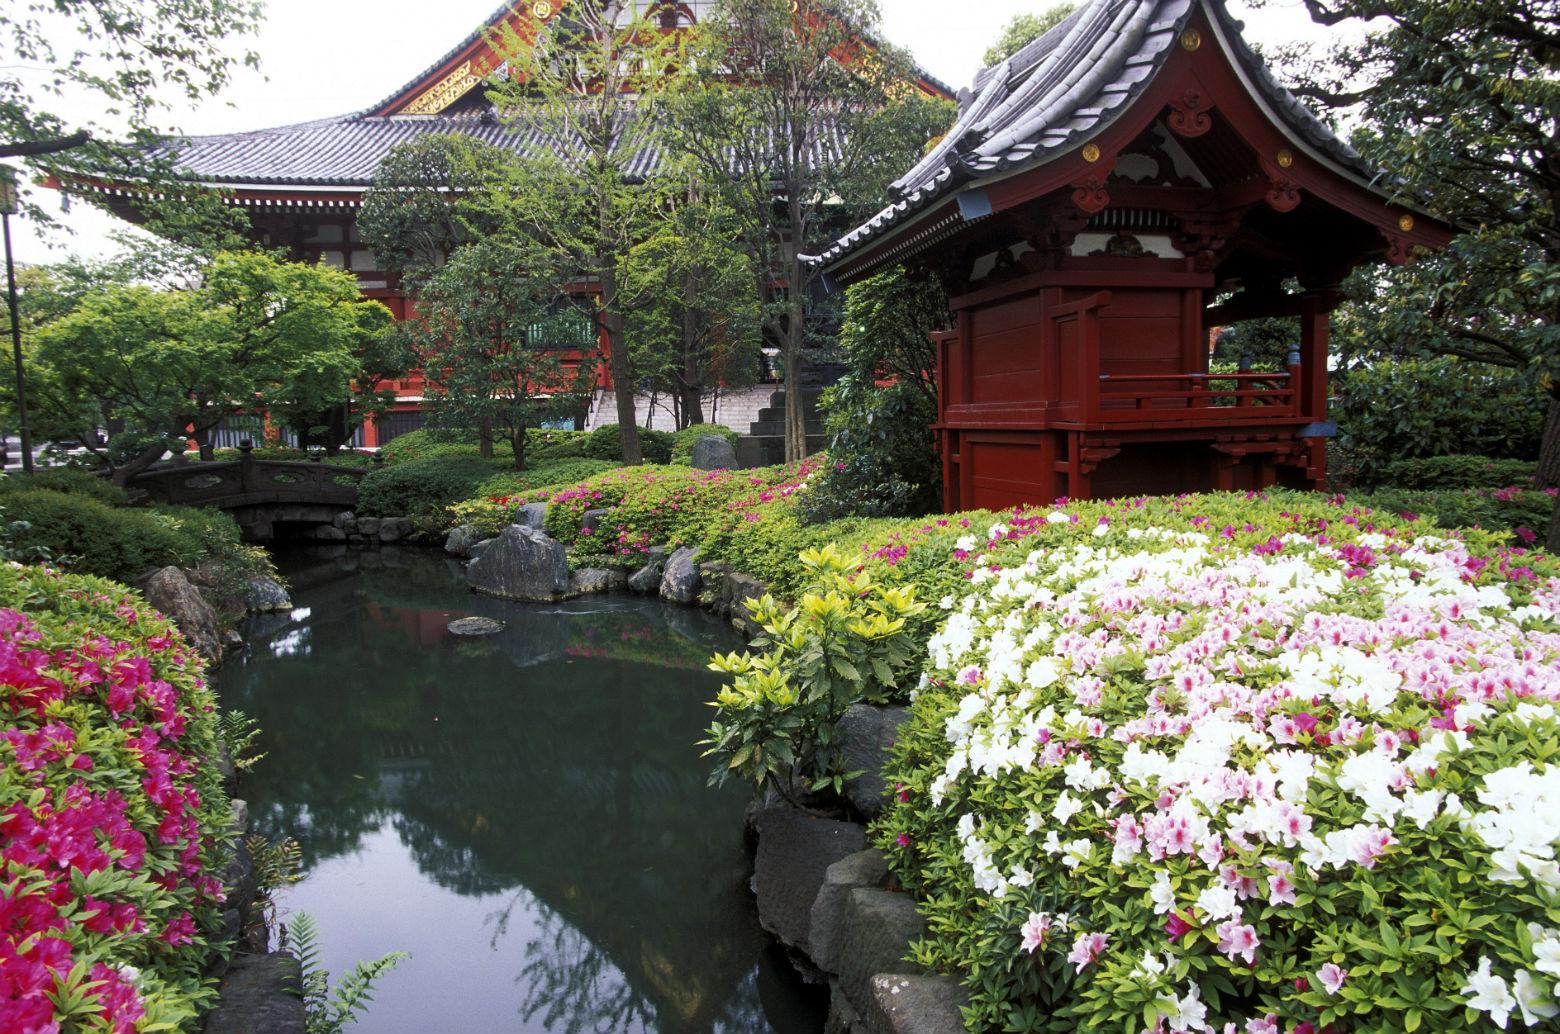 Abusos y tatamis: la odisea de un extranjero para alquilar piso en Japón